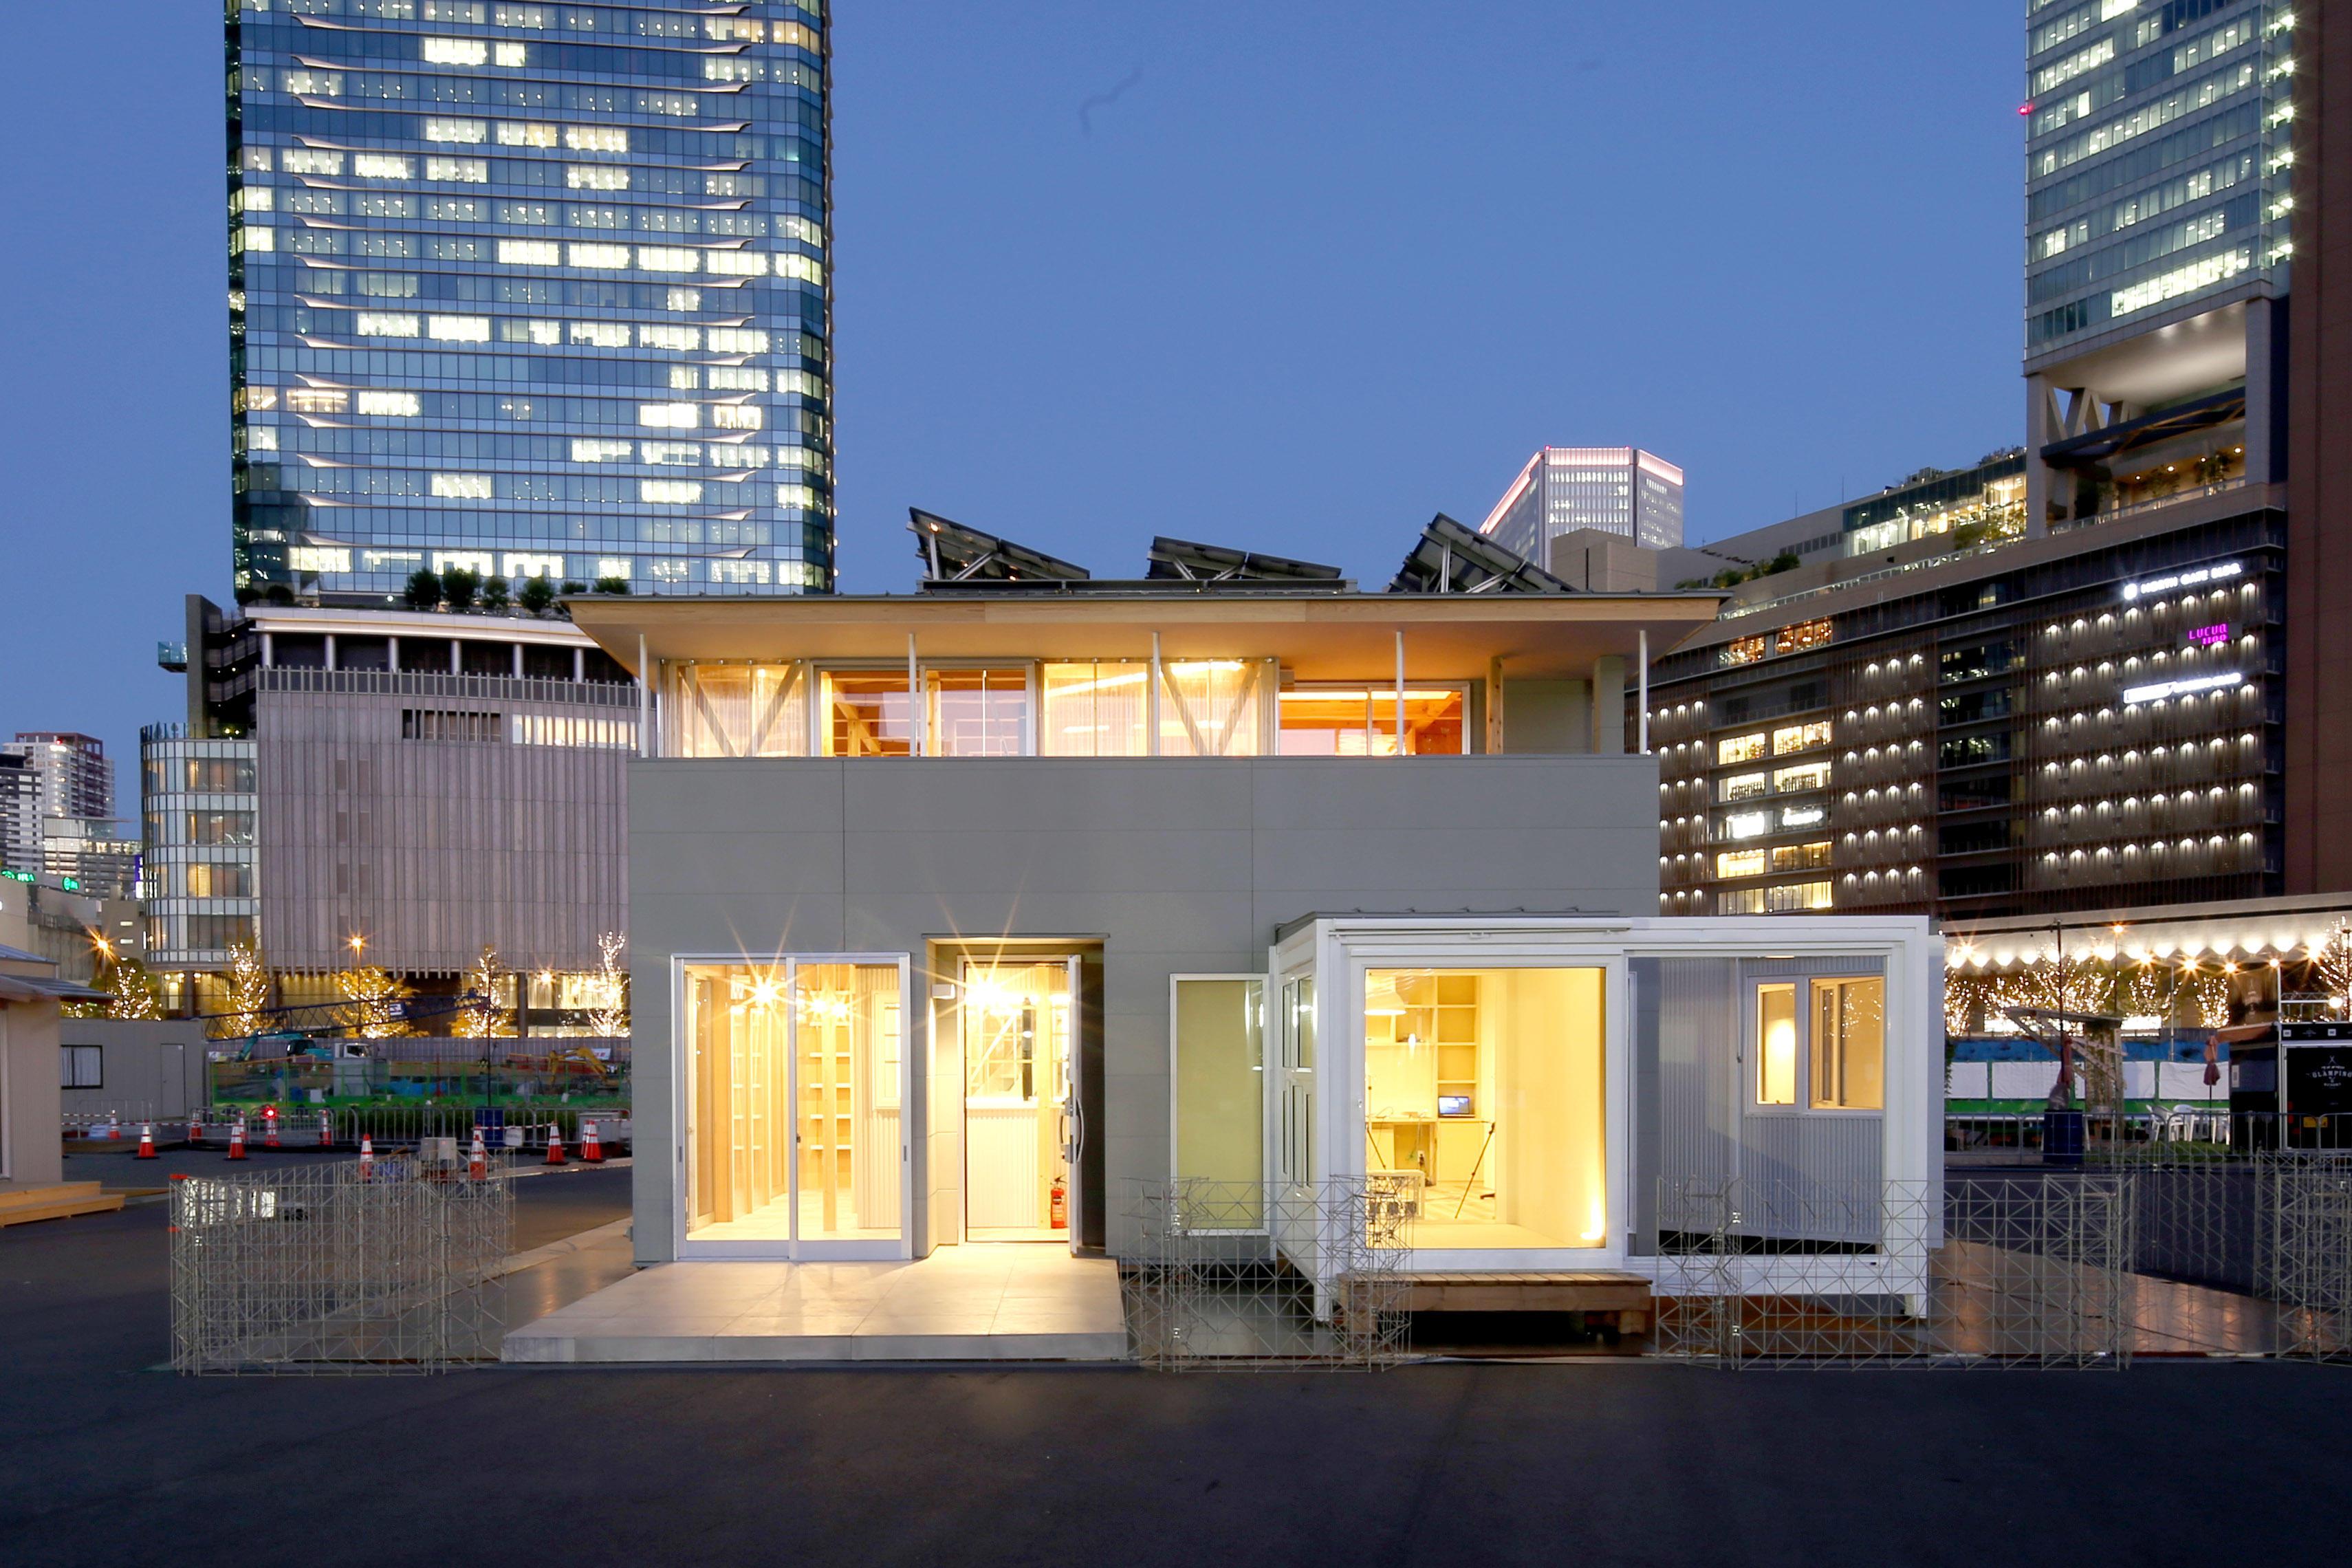 大学対抗建築コンペ「エネマネハウス2017」 うめきた2期区域でゼロエネルギー住宅を一般公開 -- 近畿大学